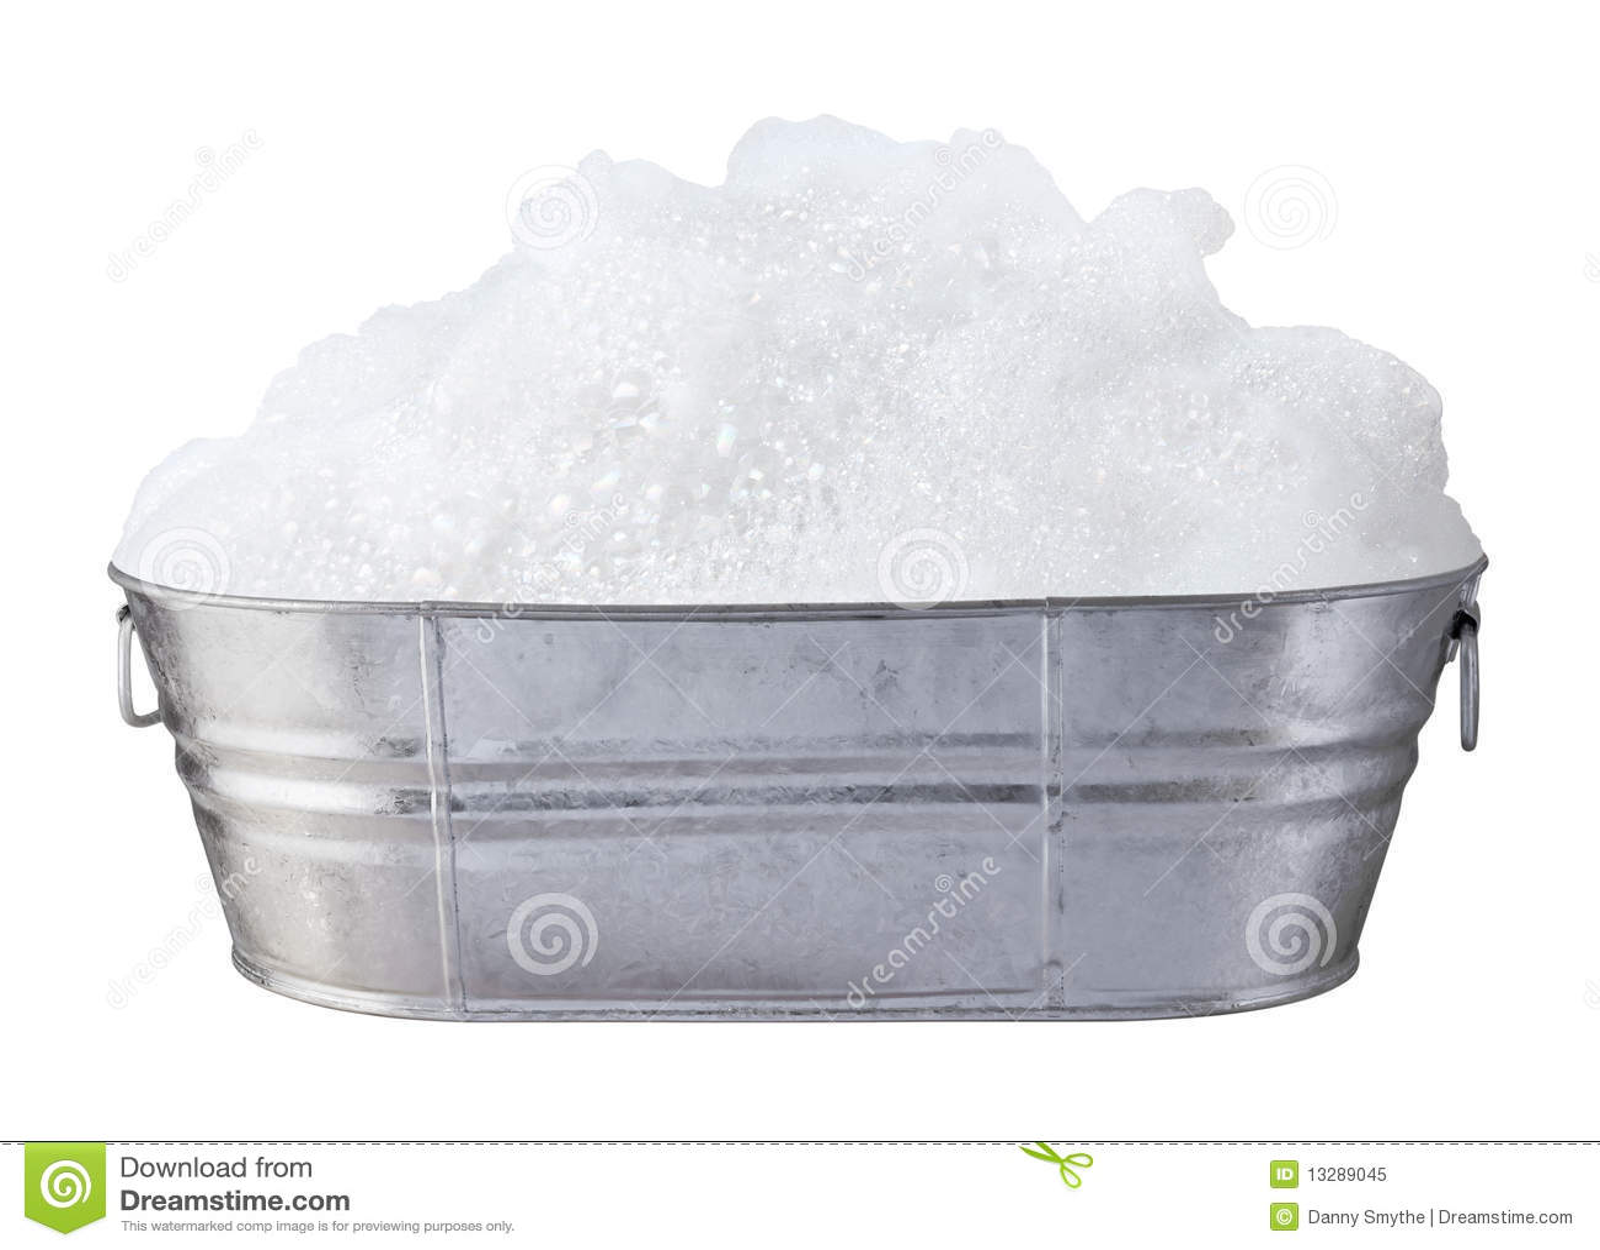 Soap bubbles png